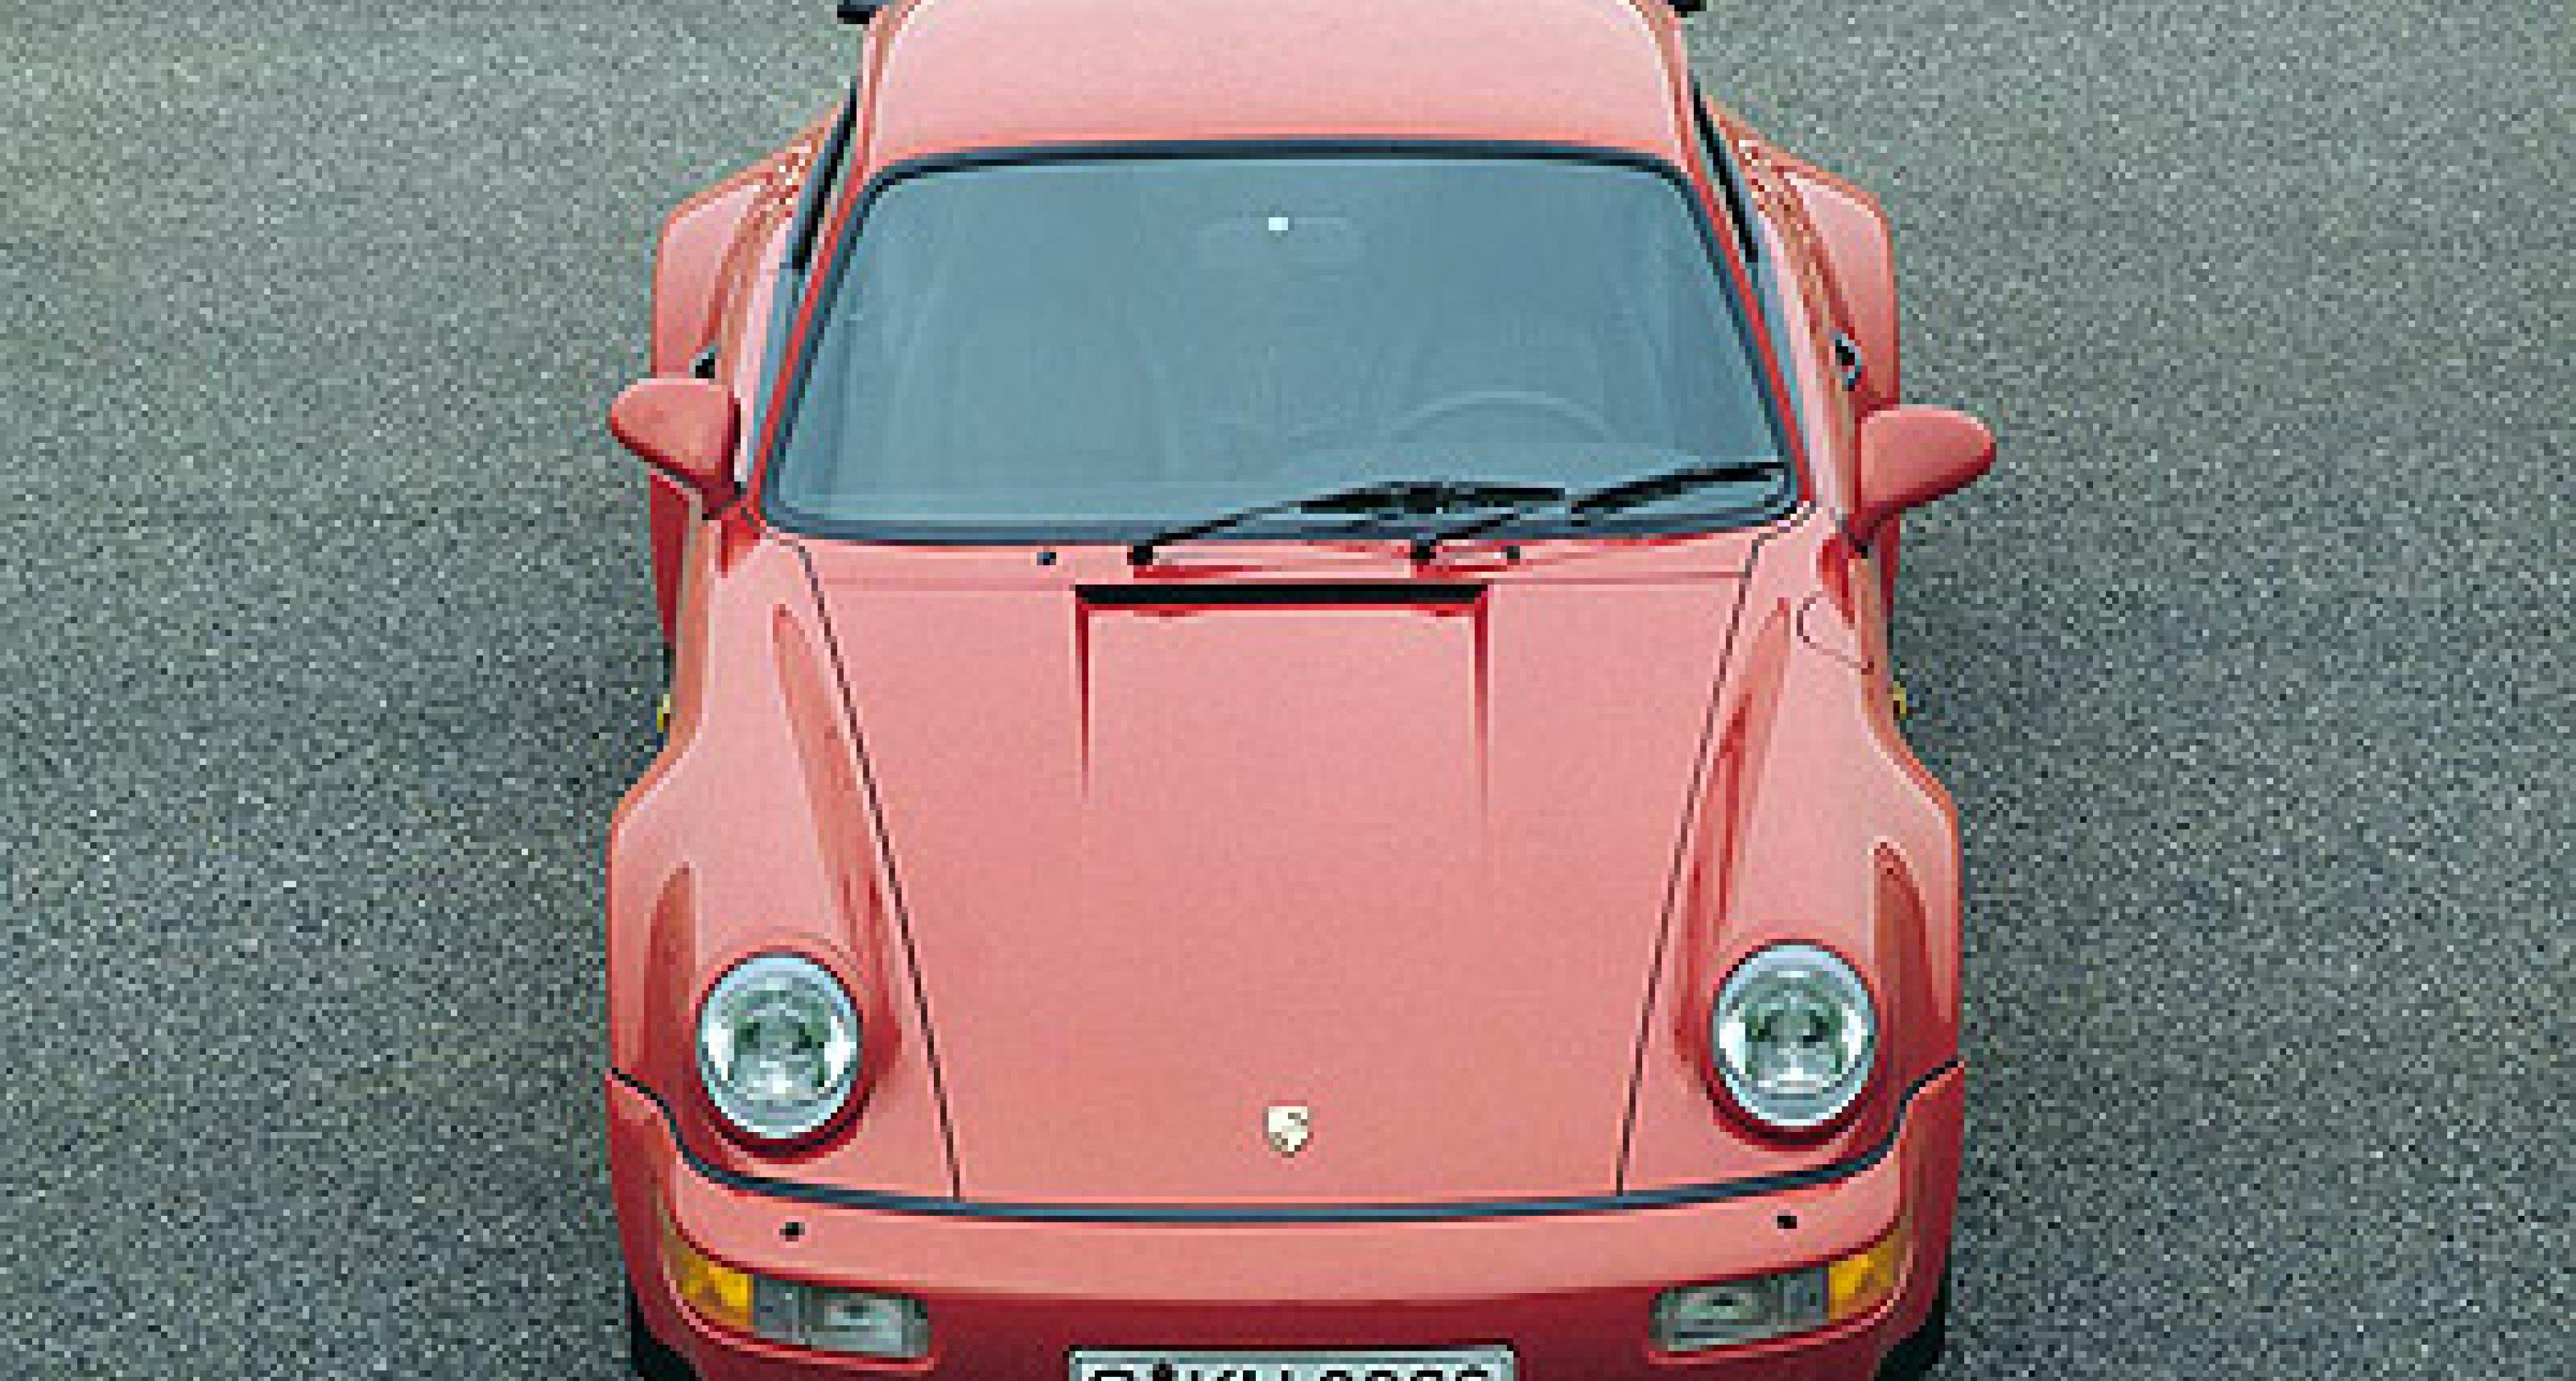 Porsche 911 Turbo Generationen